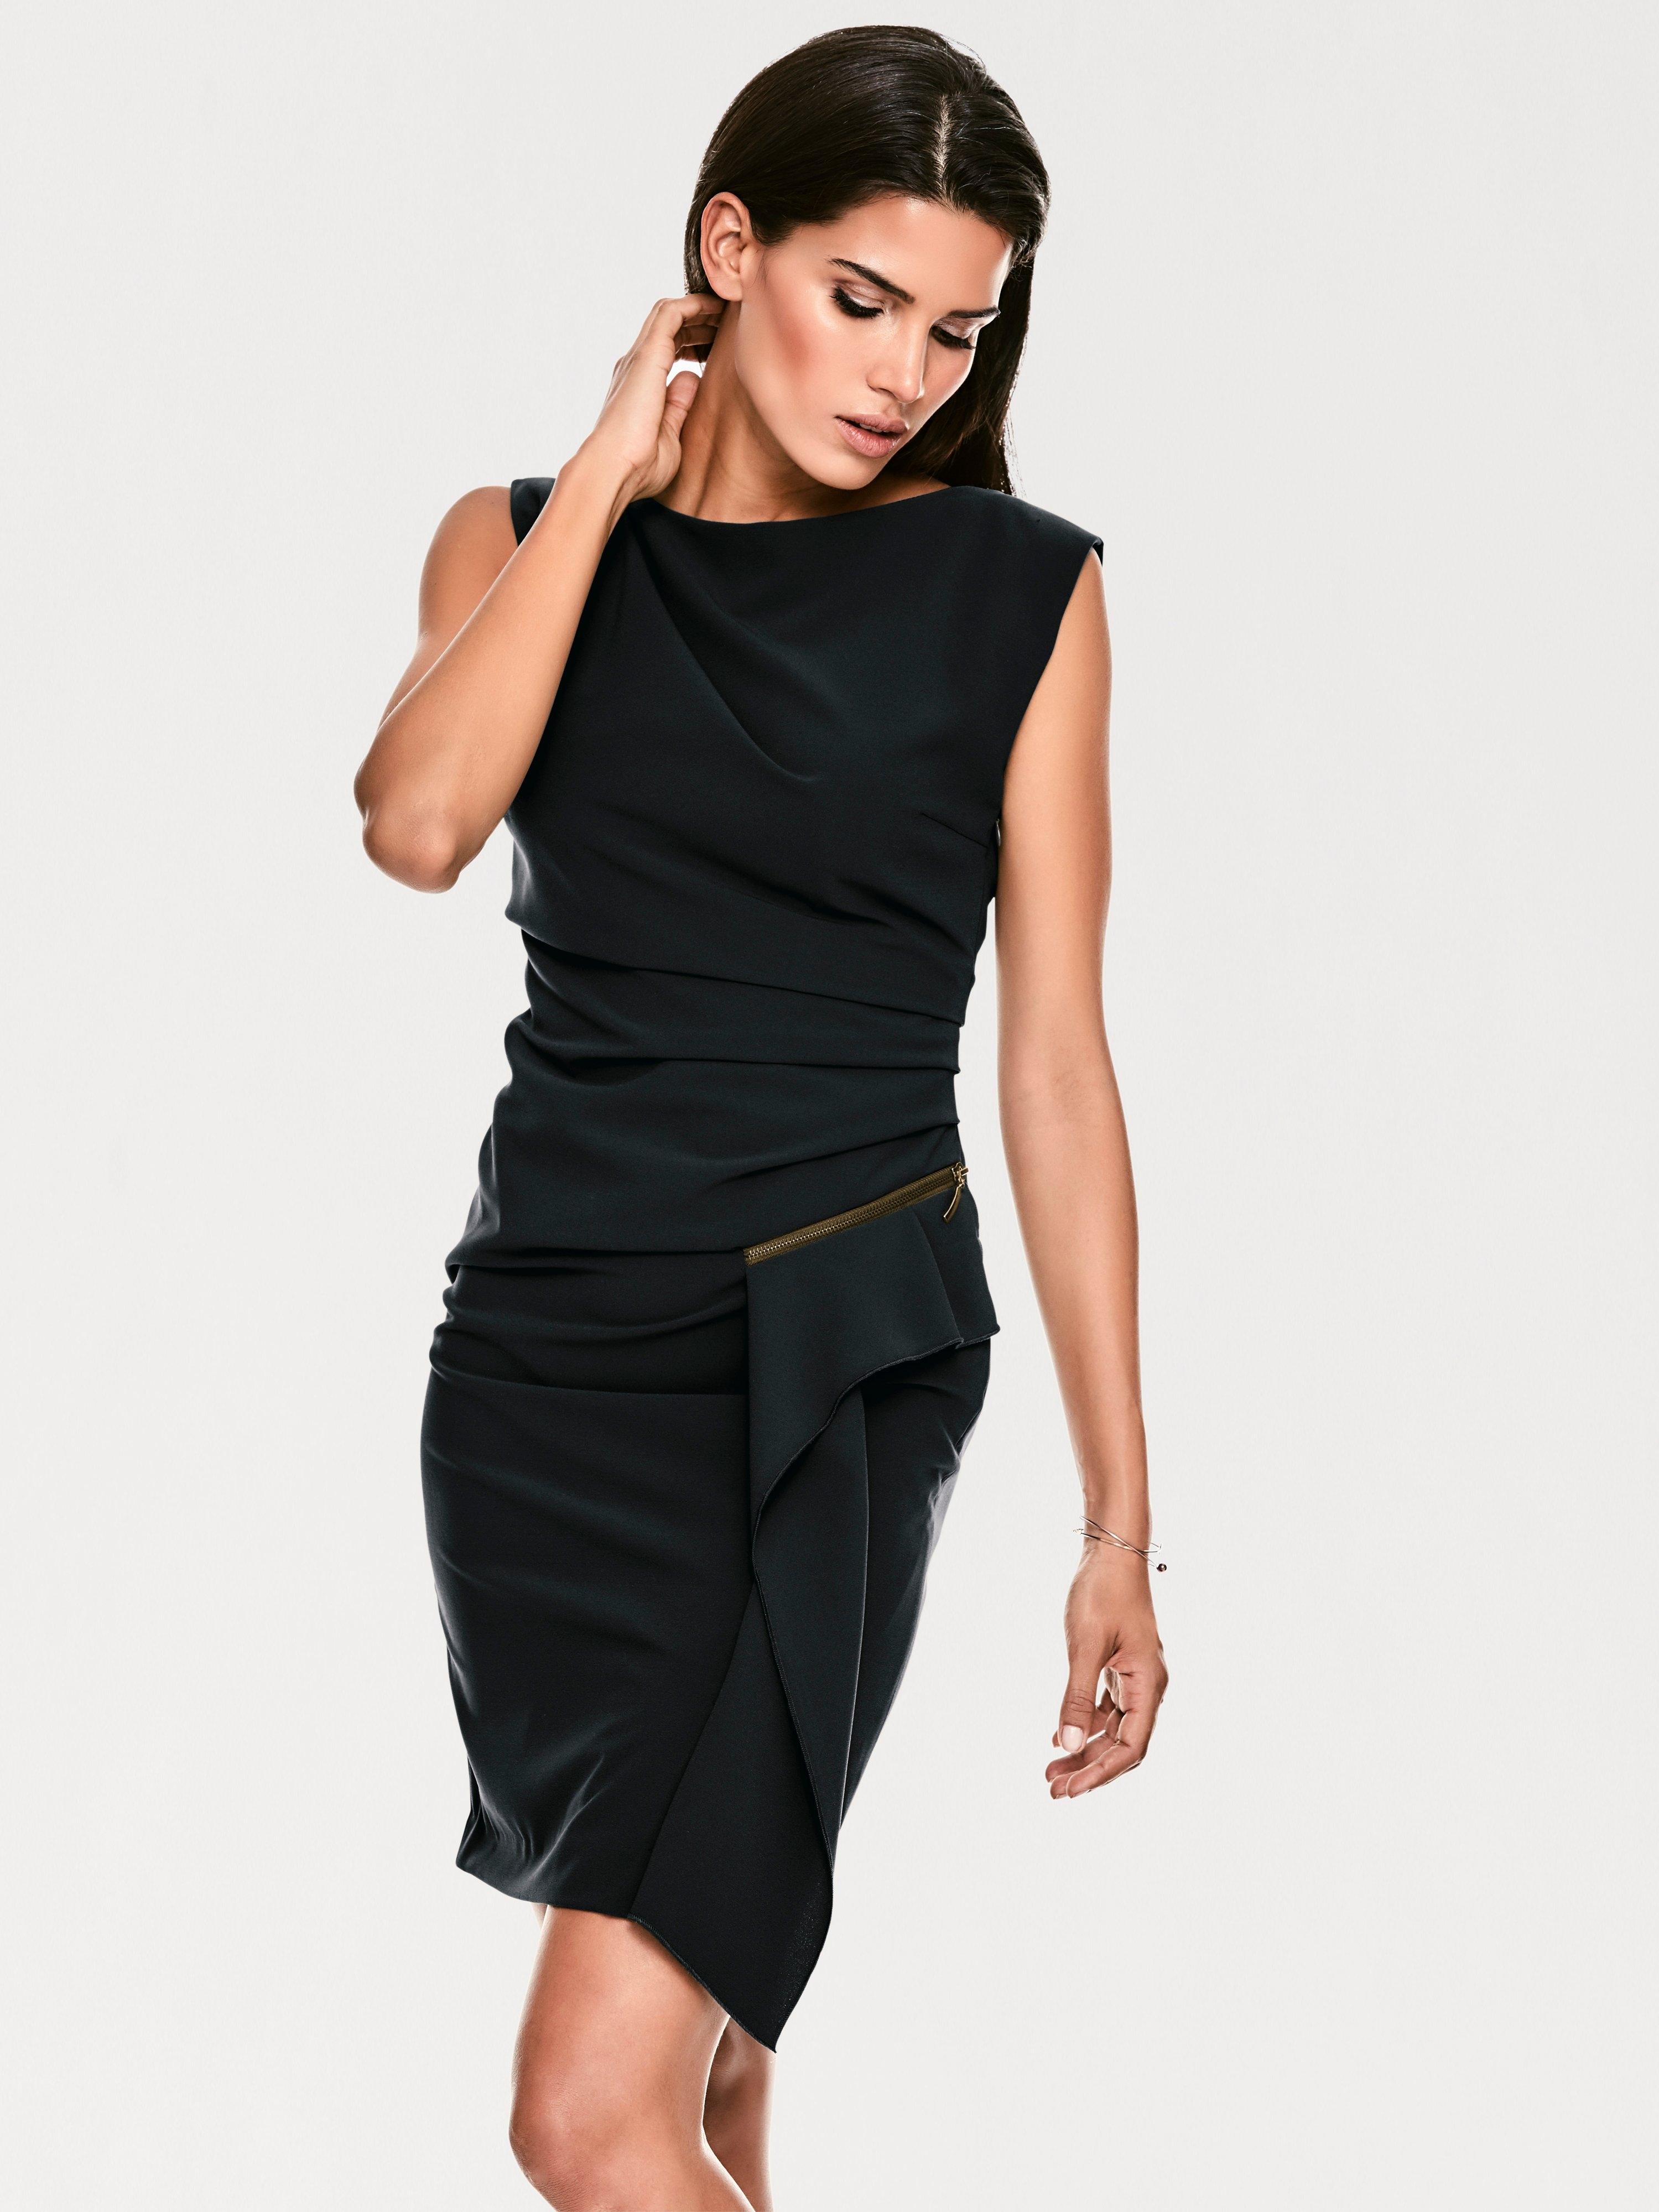 71724c20a28f7b Zwarte jurk kopen  Meer dan 1730 zwarte jurkjes